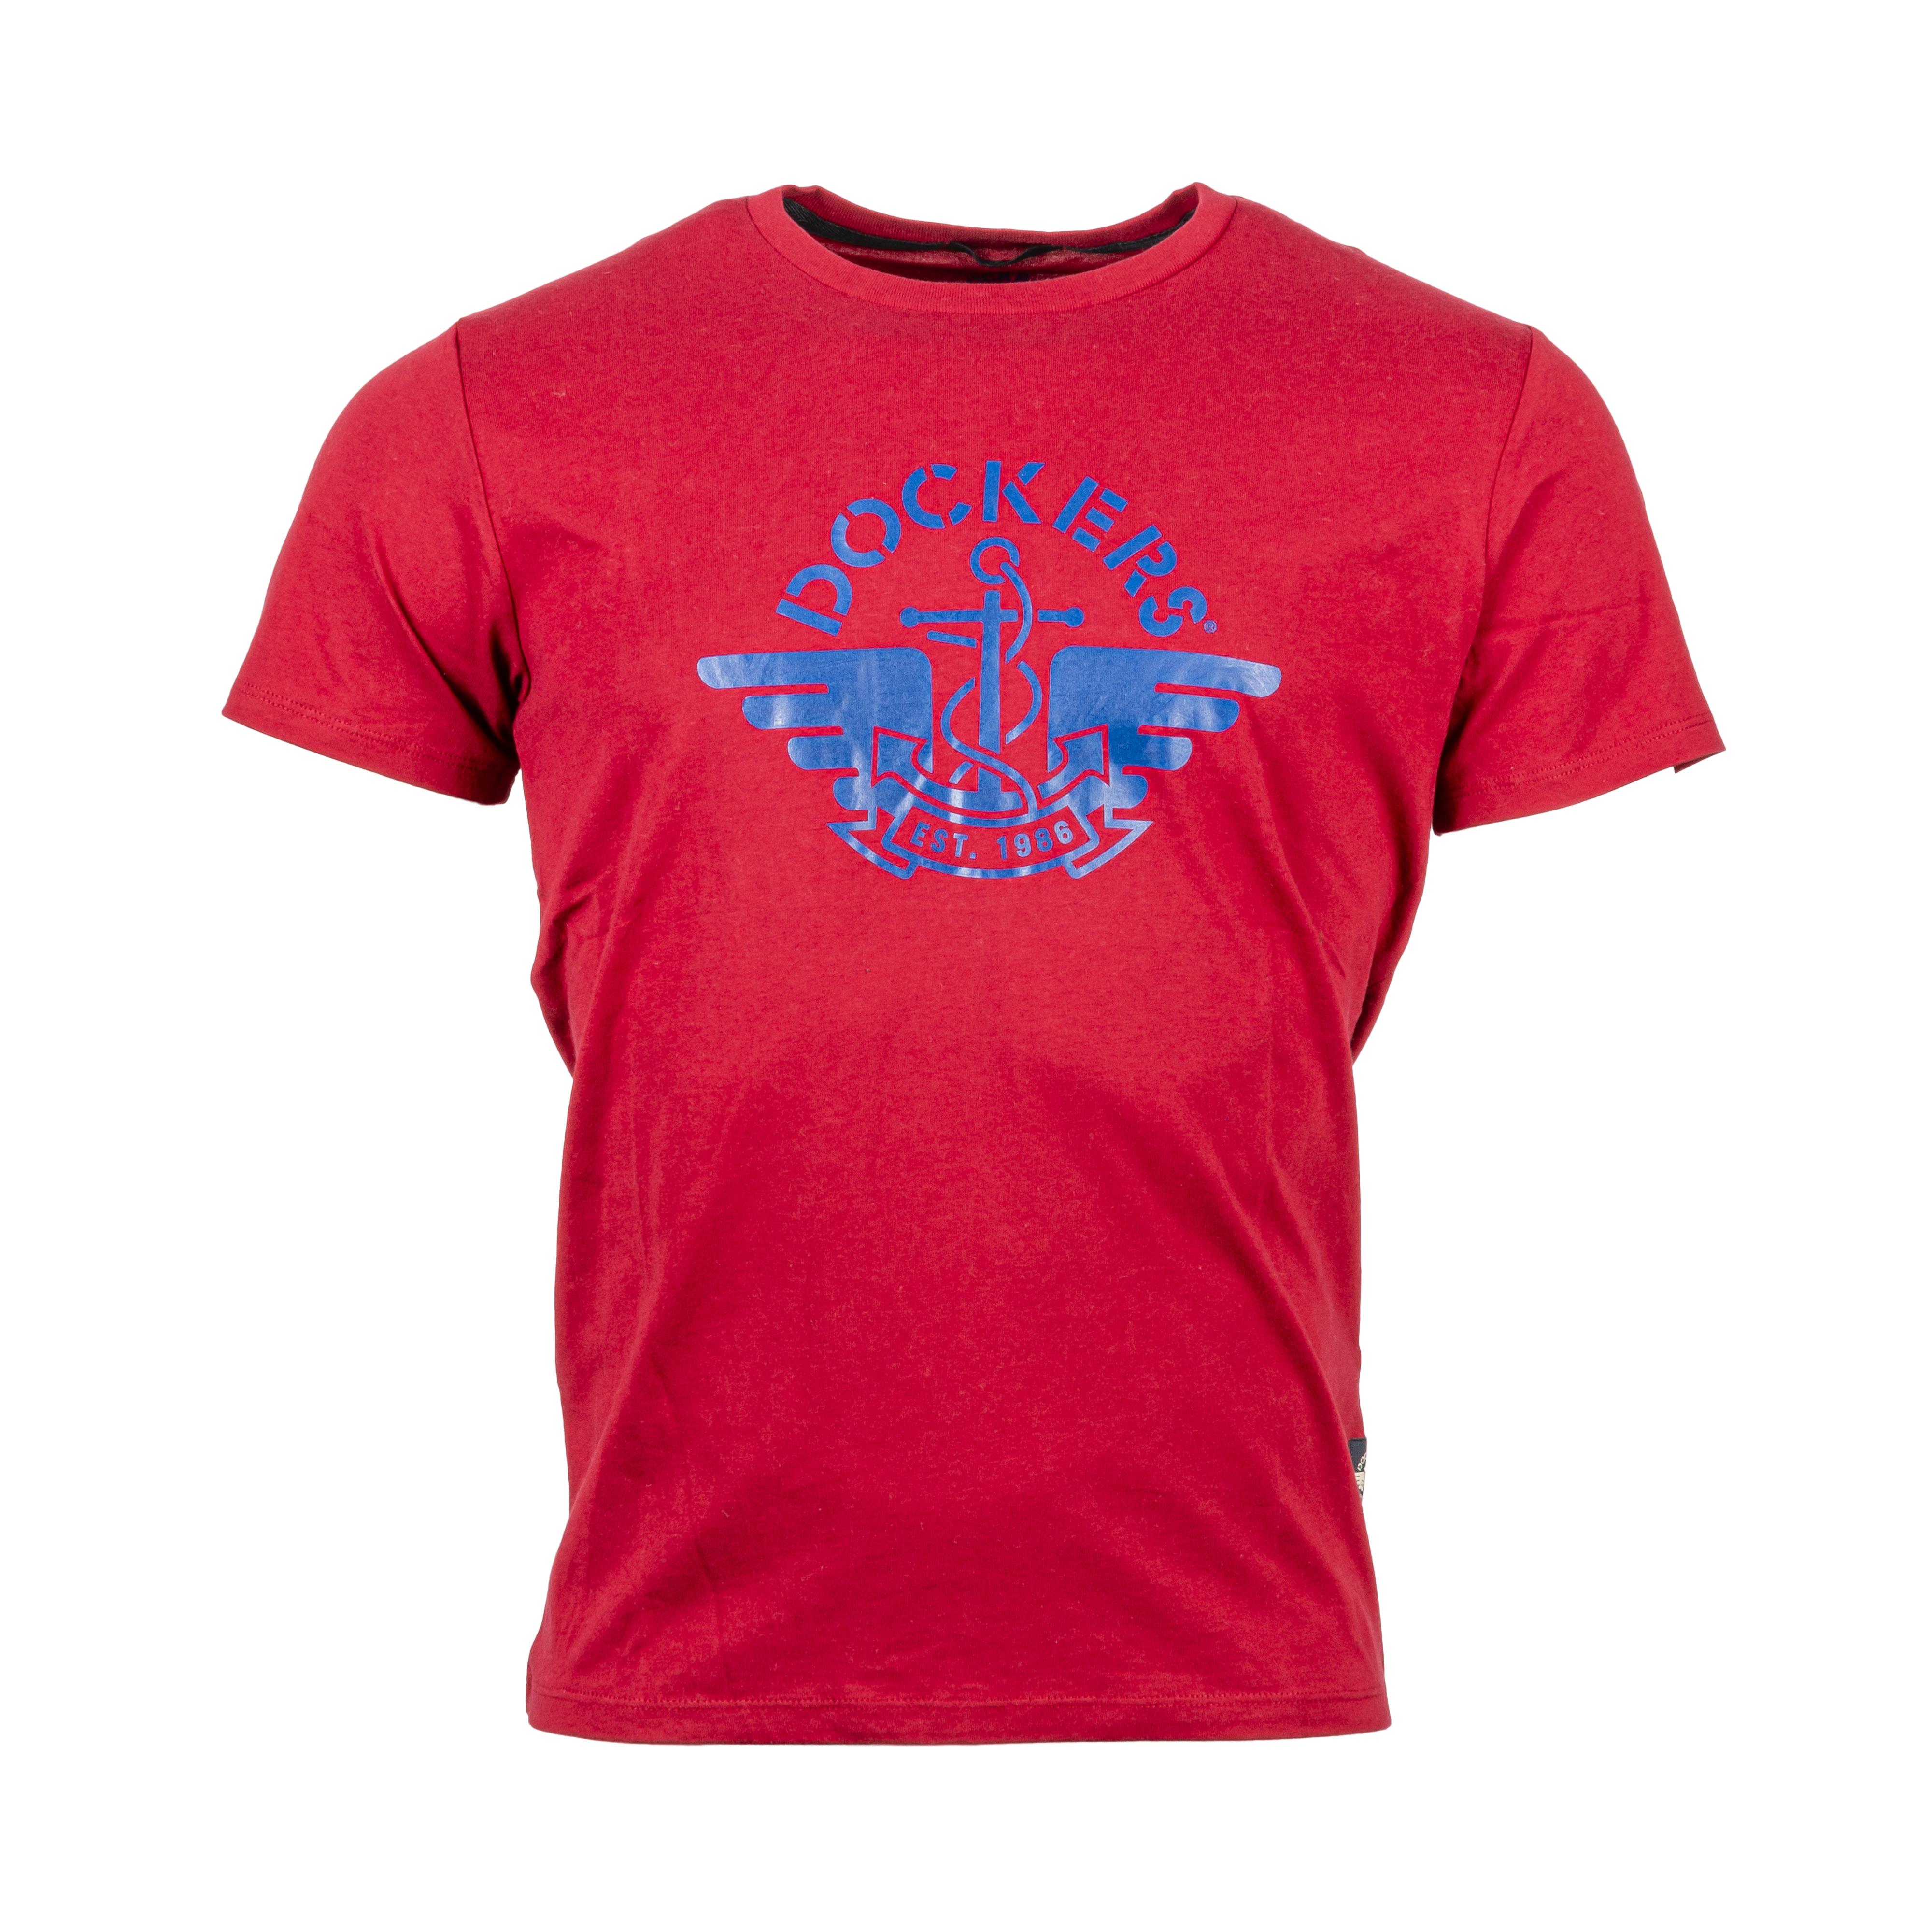 Tee-shirt col rond  en coton rouge floqué